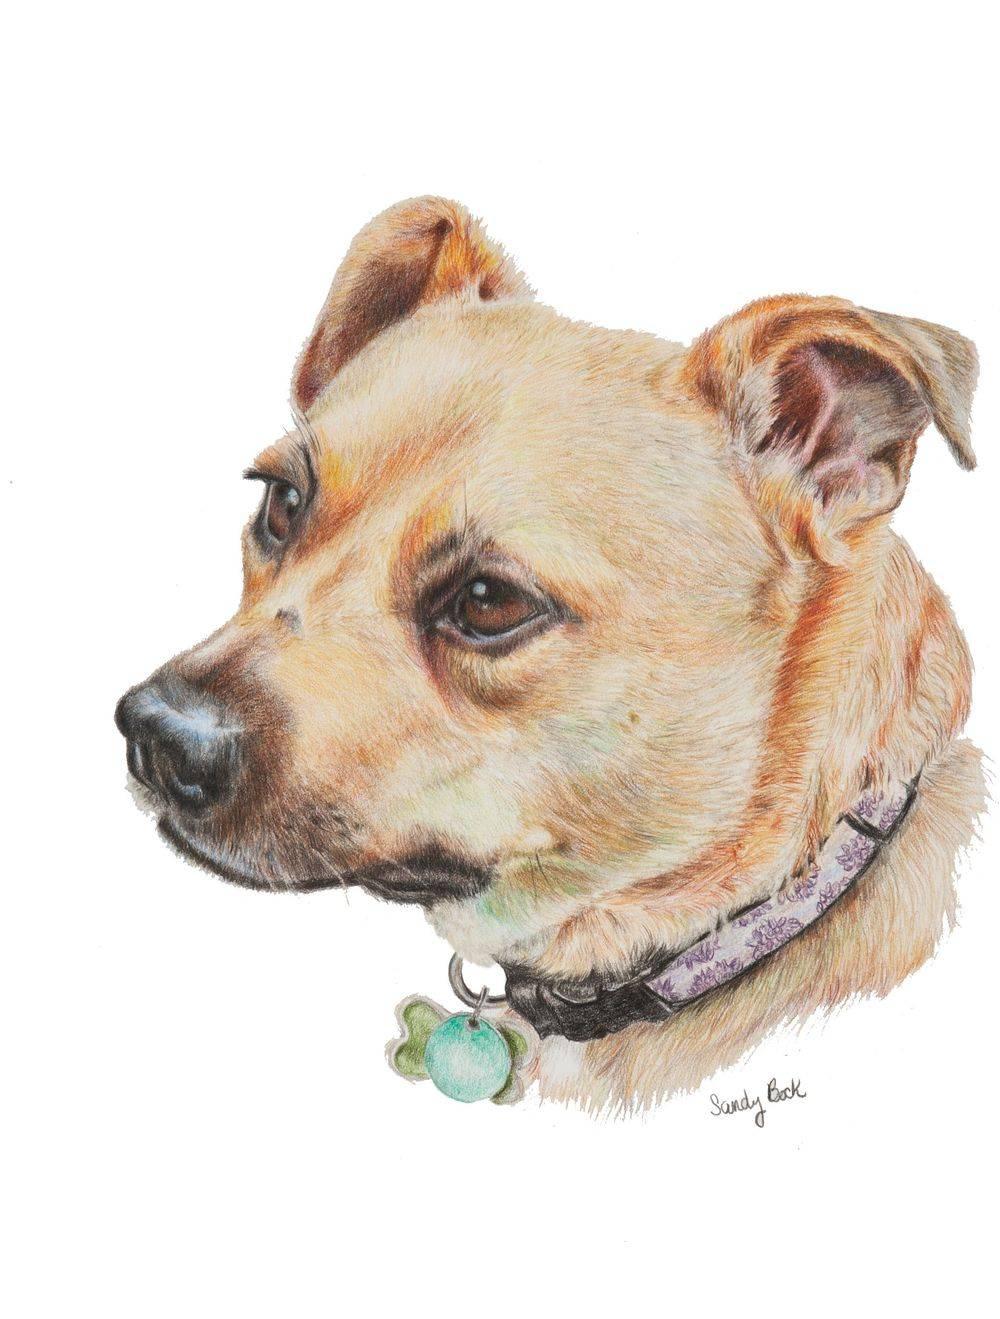 sandy bock, pet portrait, dog portrait, portrait artist, portrait art, custom portrait painting